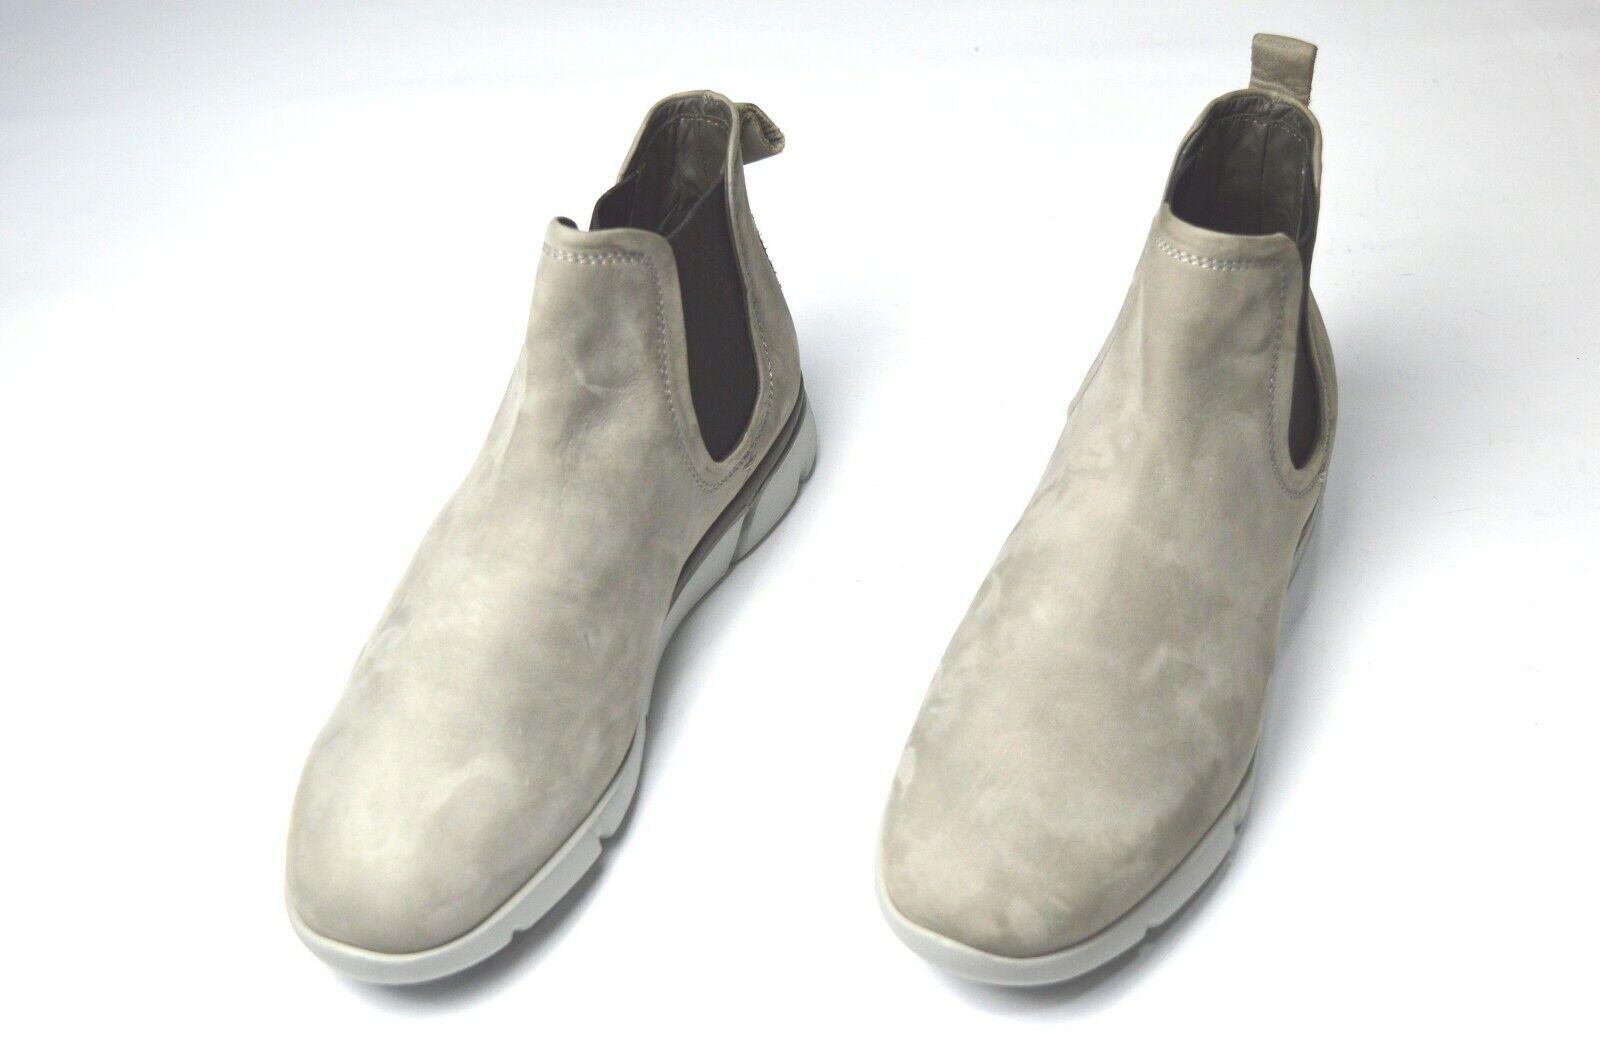 Nuevas botas zapatos casuales deporte Snikers SANTONI talla nos 8 (FE13)